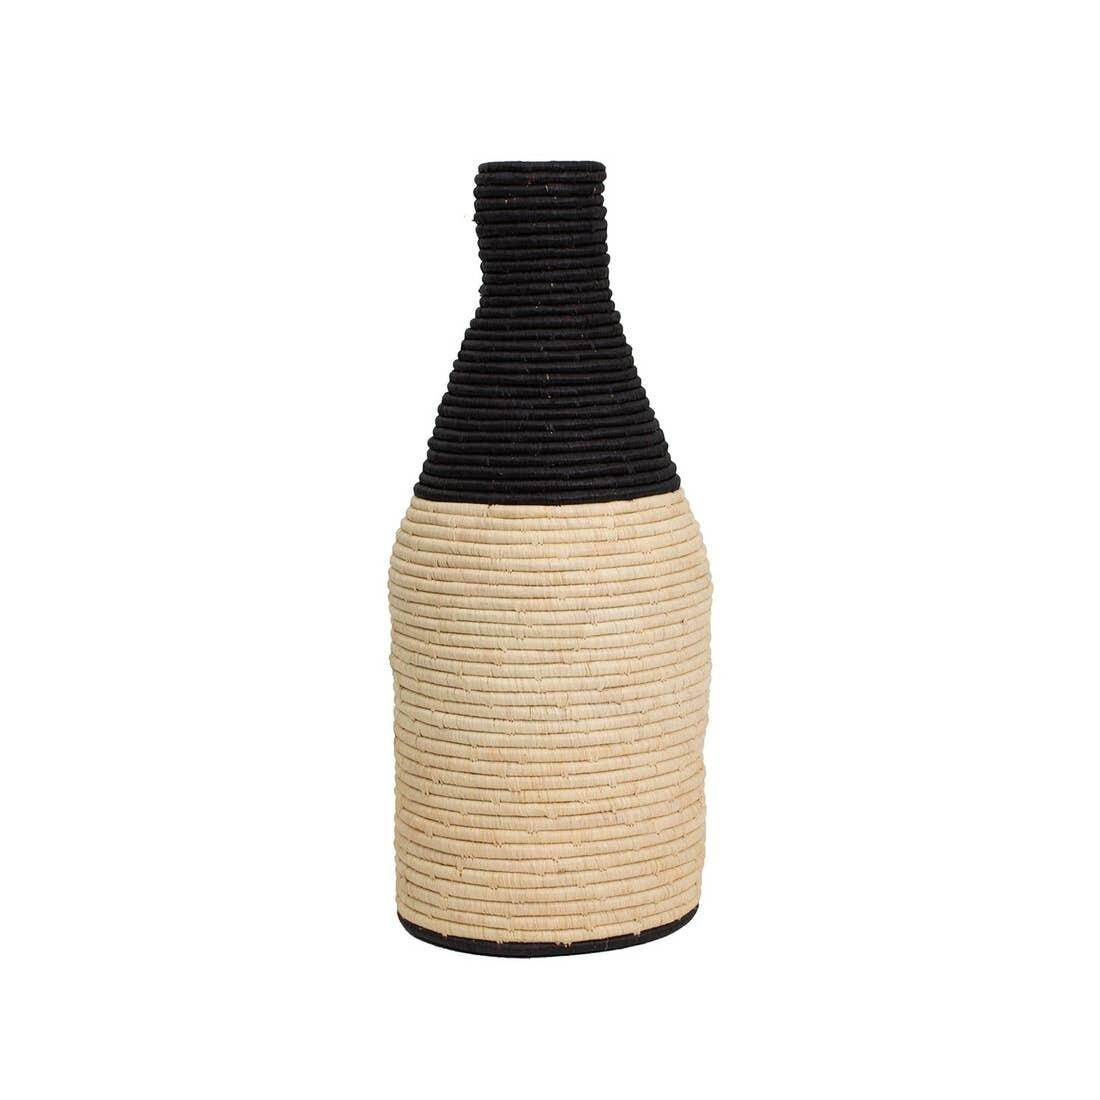 Black Malia Floor Vase by Kazil